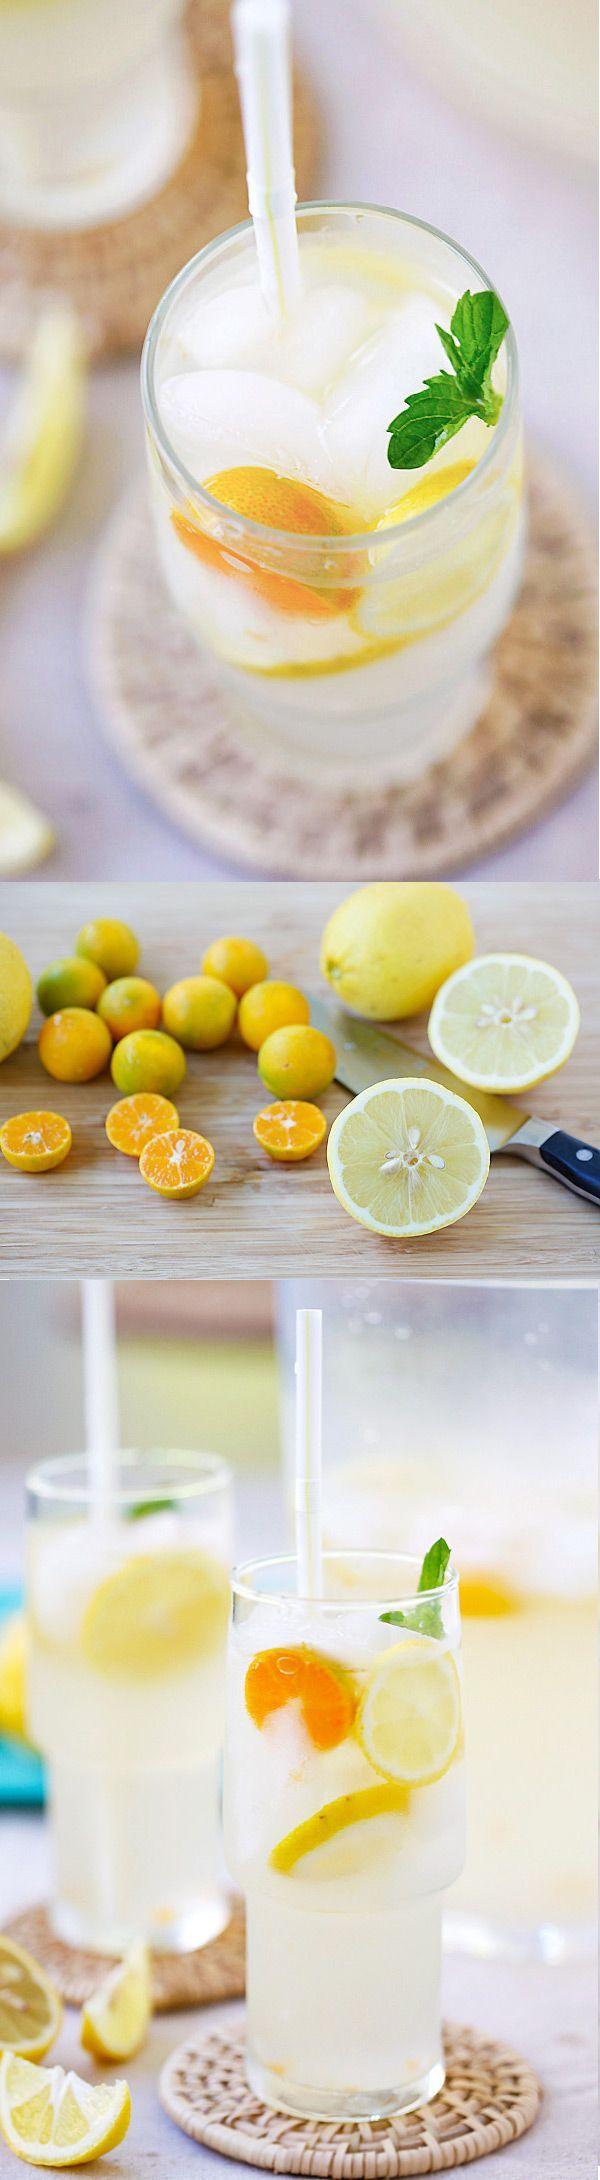 Coconut Water Lemonade #coconutwater #lemonade #refreshing